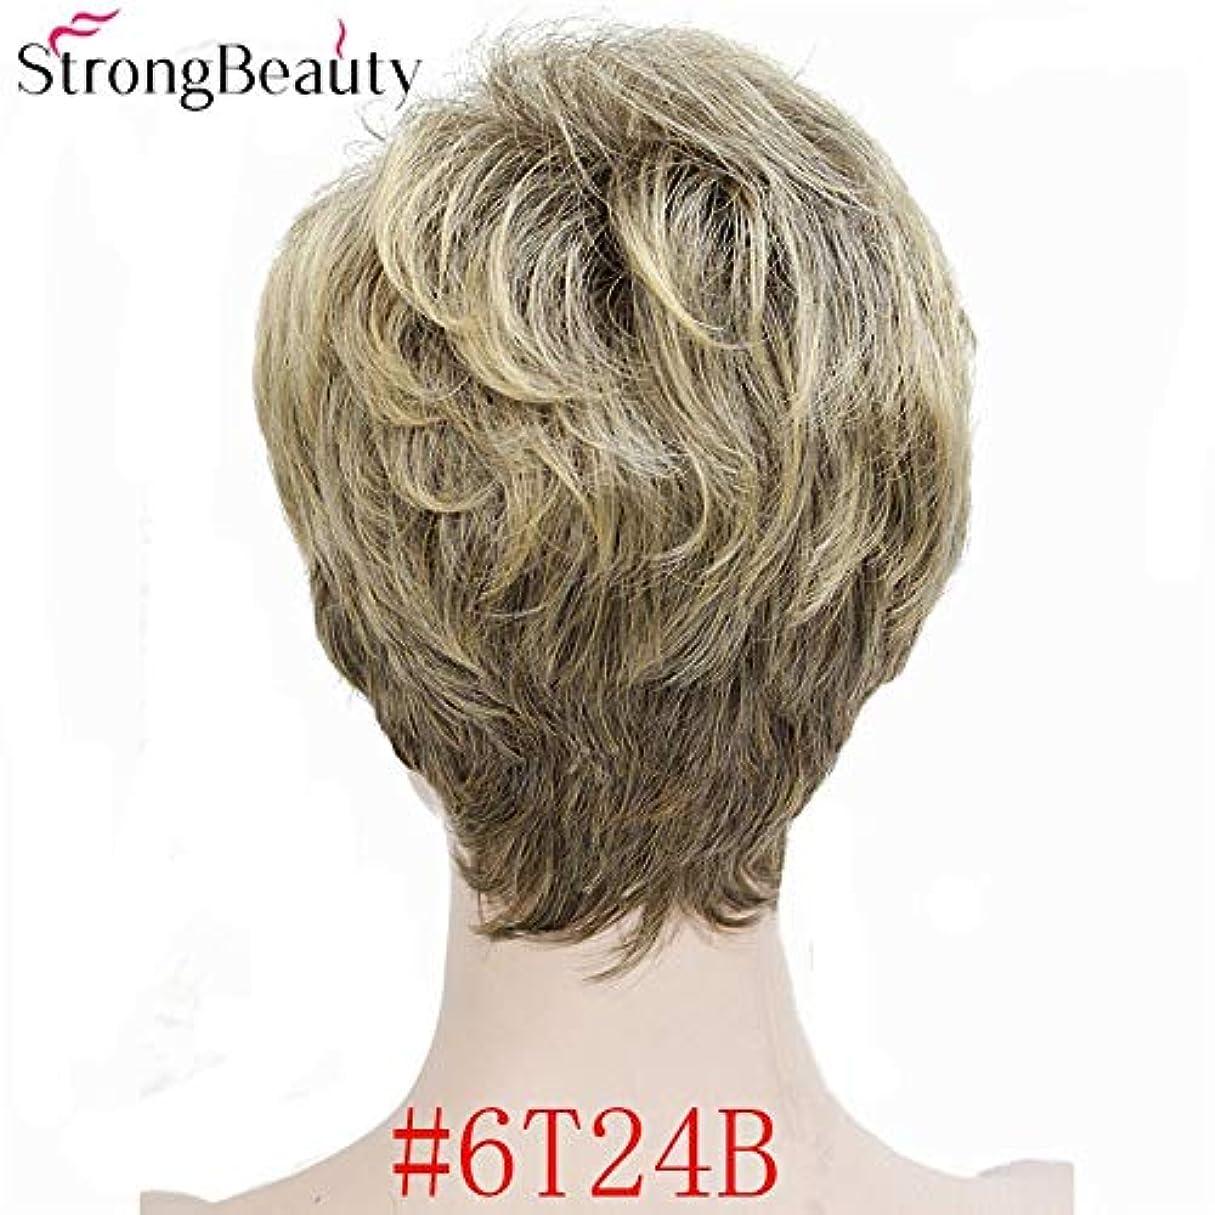 スーツケース安息番目美しく StrongBeautyシンセティックショートウェービーヘアパフィーナチュラルブロンド/シルバーグレーのウィッグと前髪のために女性の多くの色の選択 (Color : 6T24B, Stretched Length : 8inches)